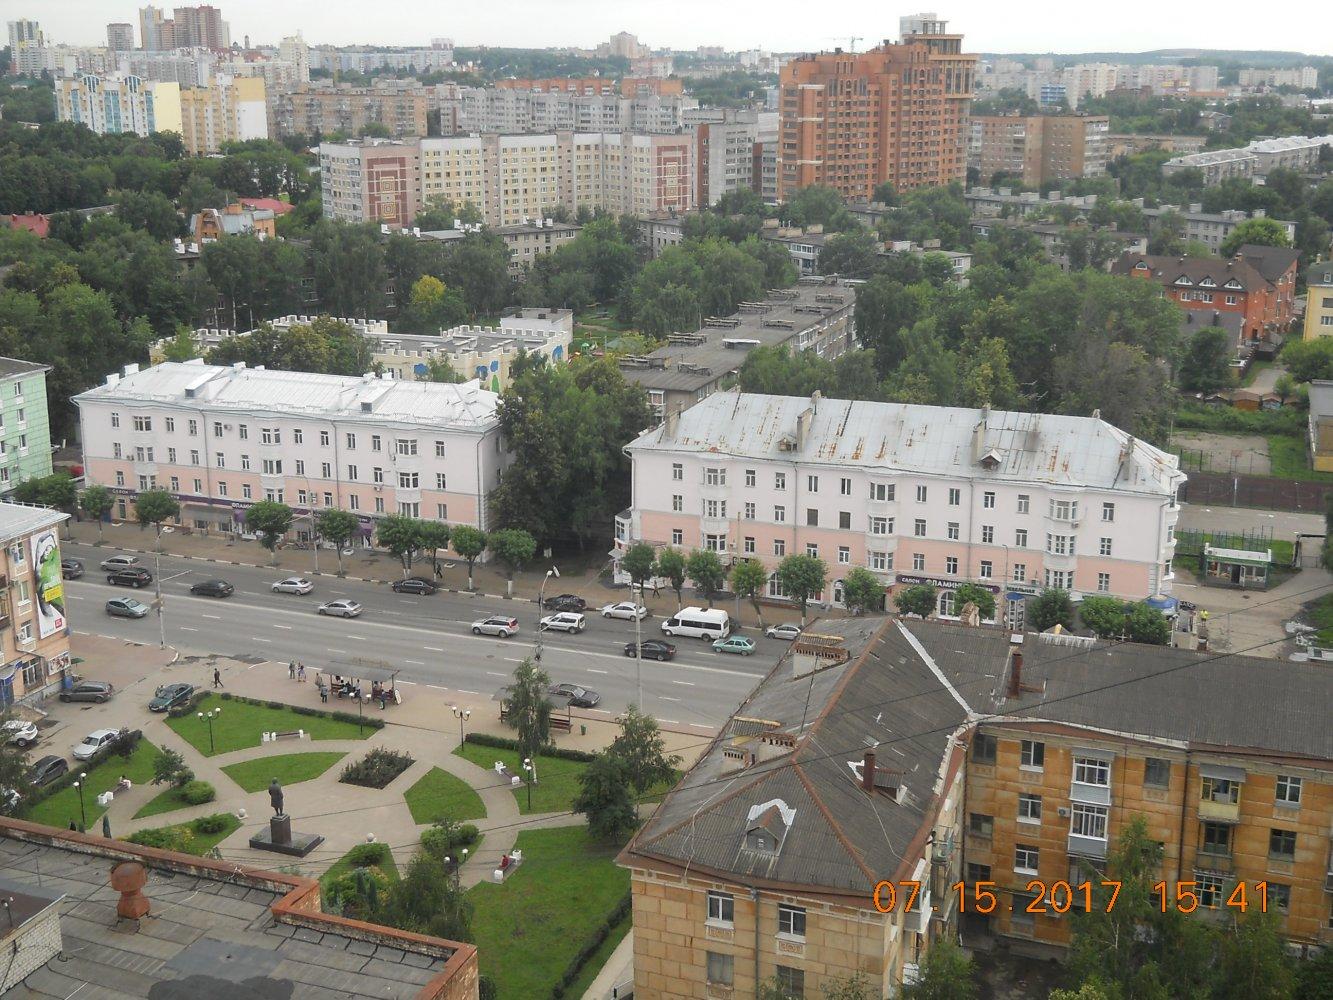 Фото DSCN7631.jpg. Россия, Рязанская область, Рязань го, Татарская улица, 50